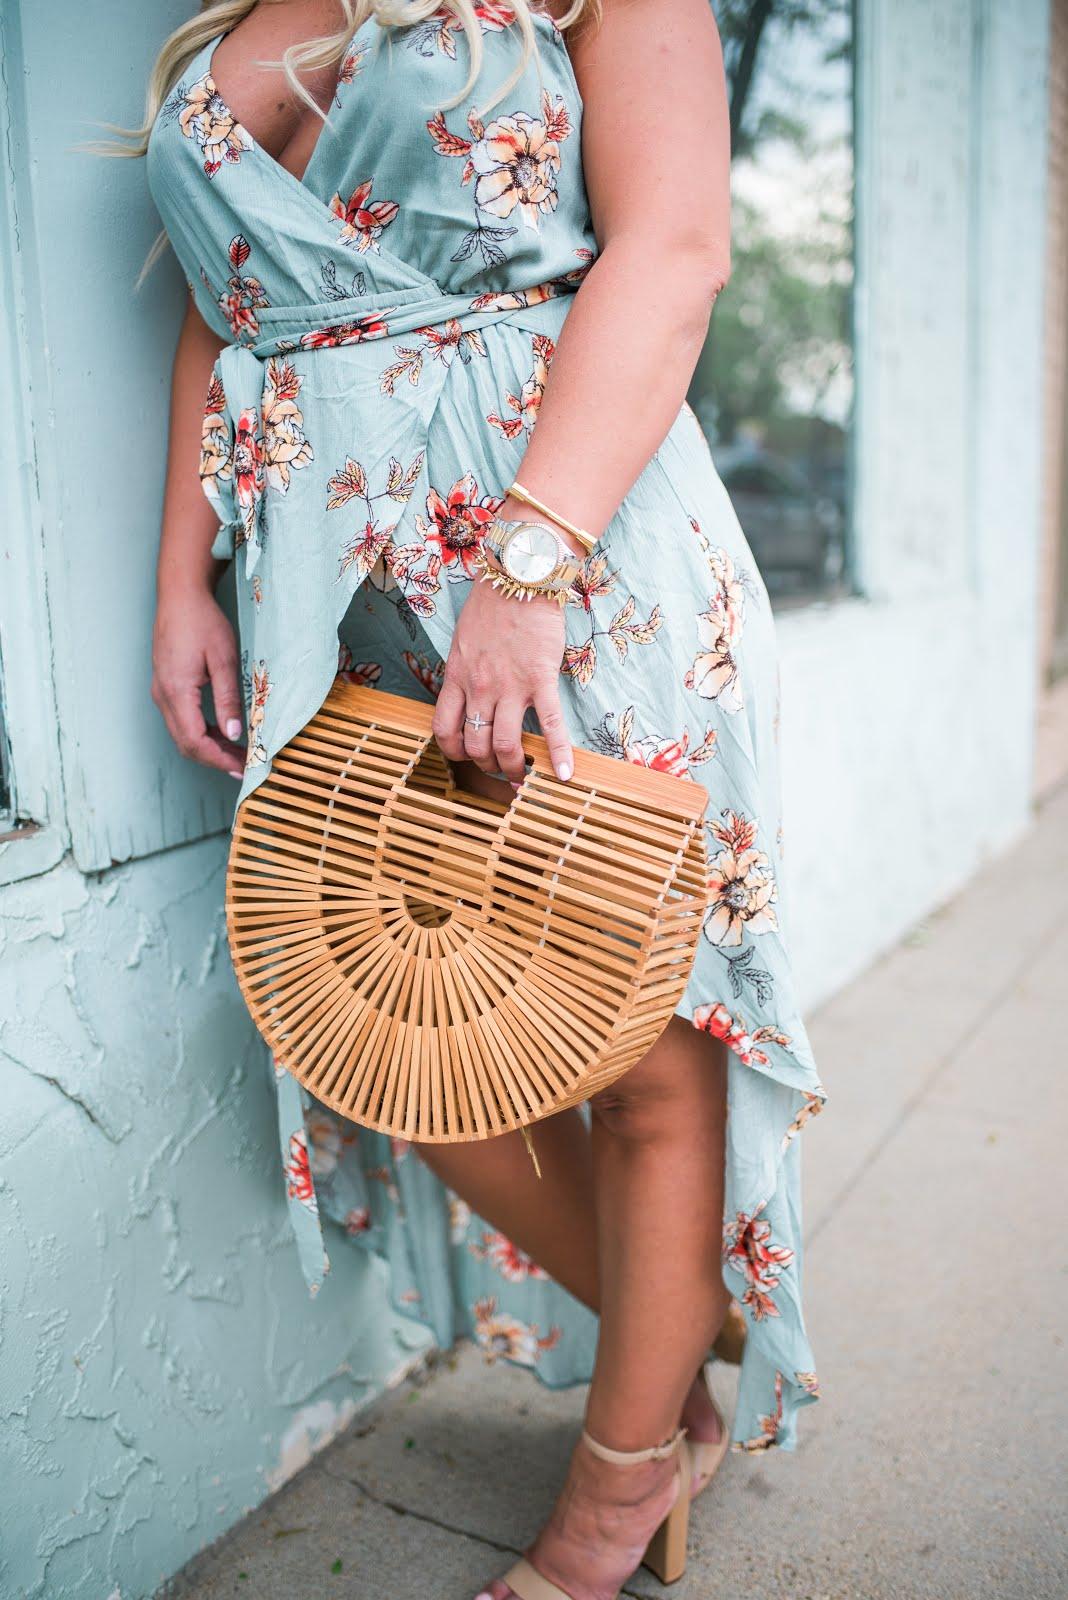 Floral Maxi Romper by Colorado fashion blogger Delayna Denaye